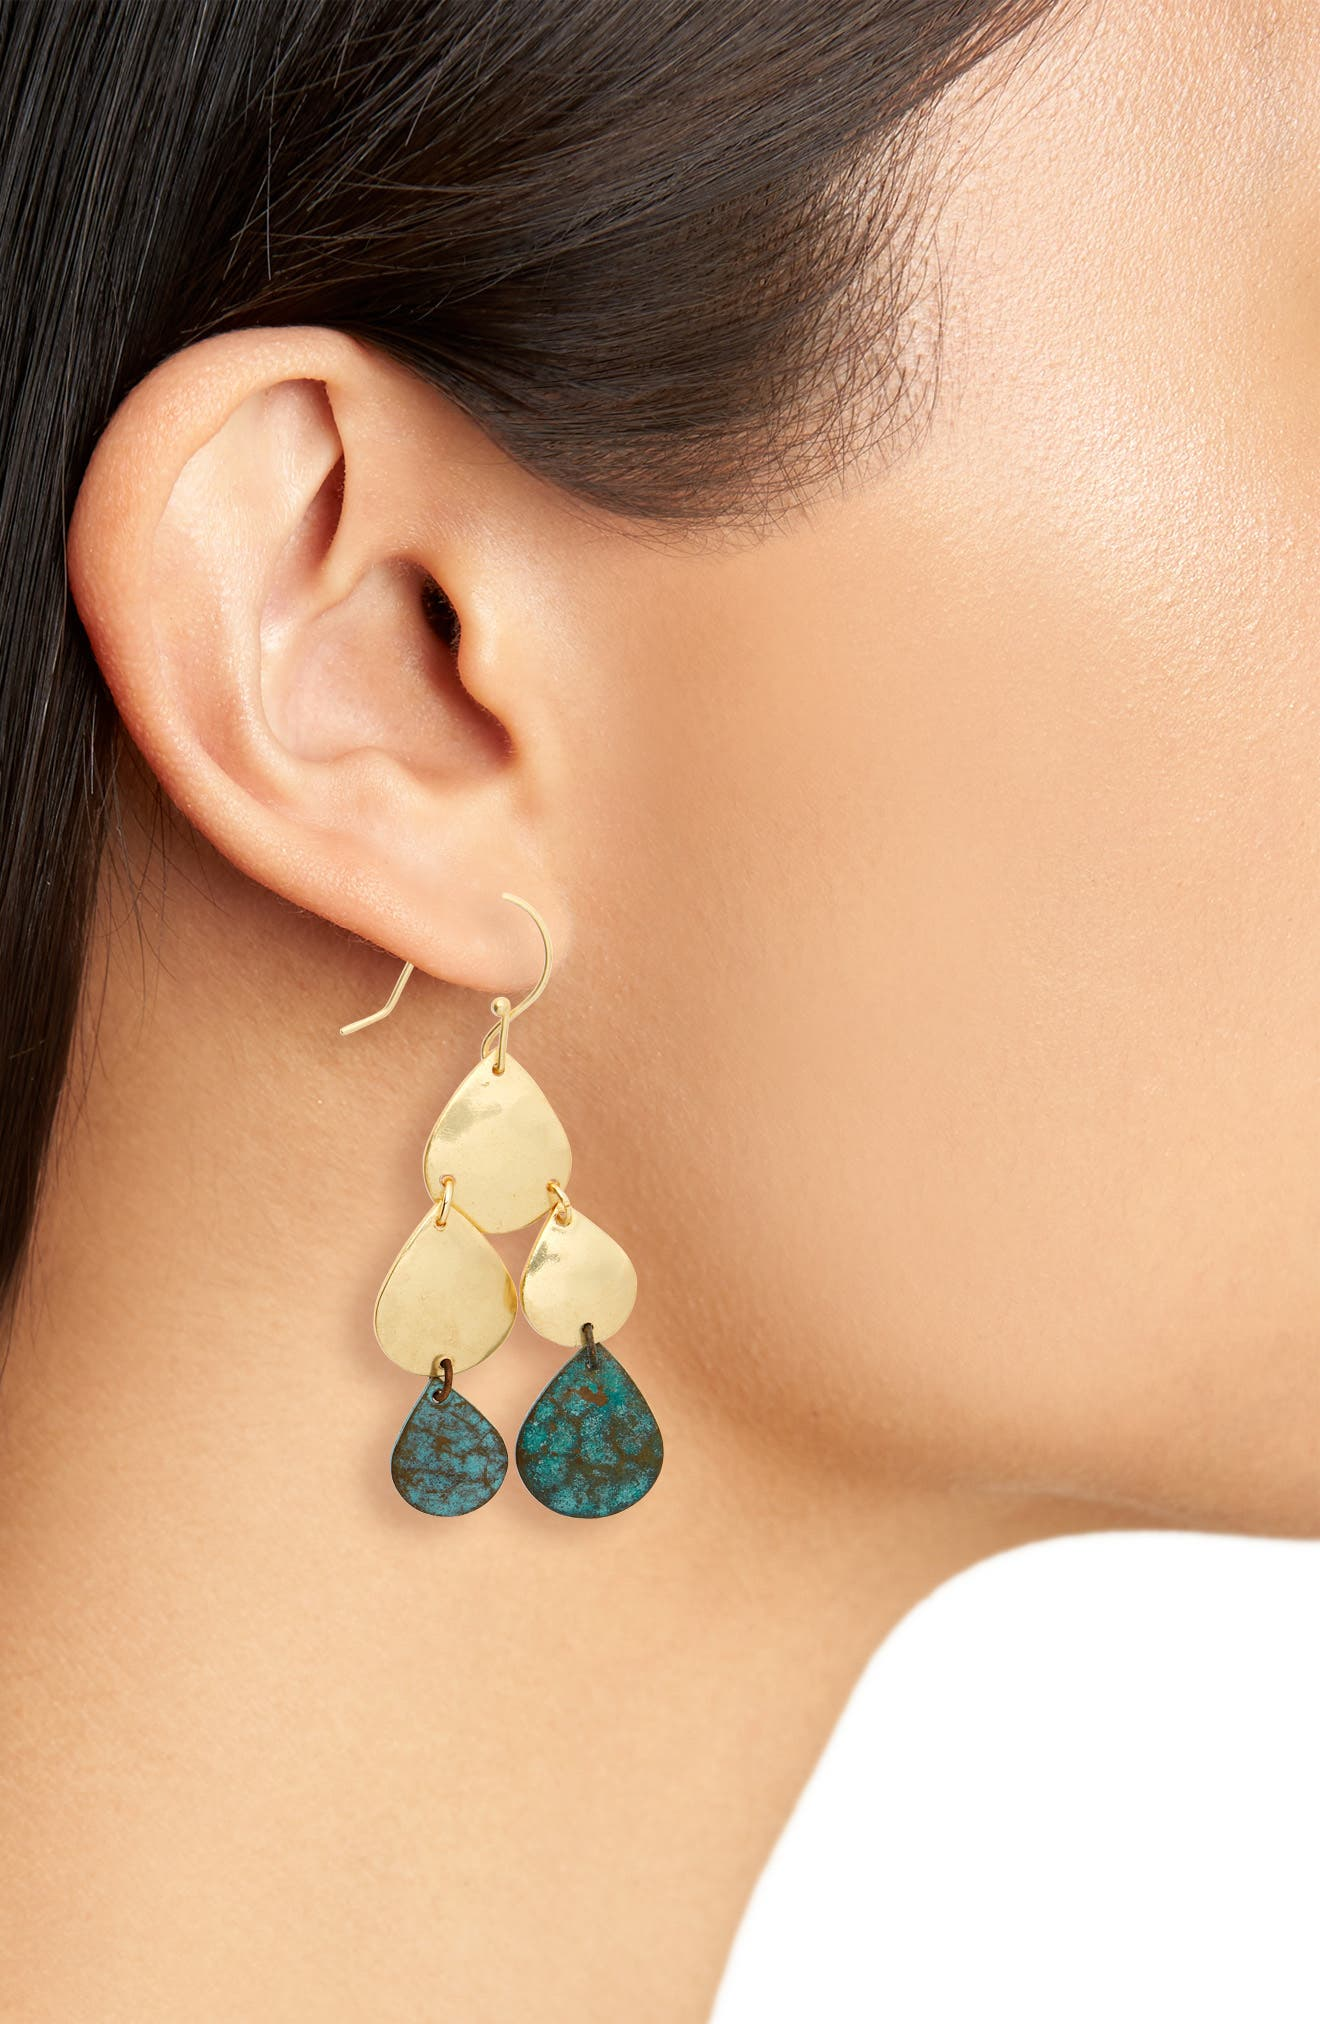 Patina Teardrops Earrings,                             Alternate thumbnail 2, color,                             710